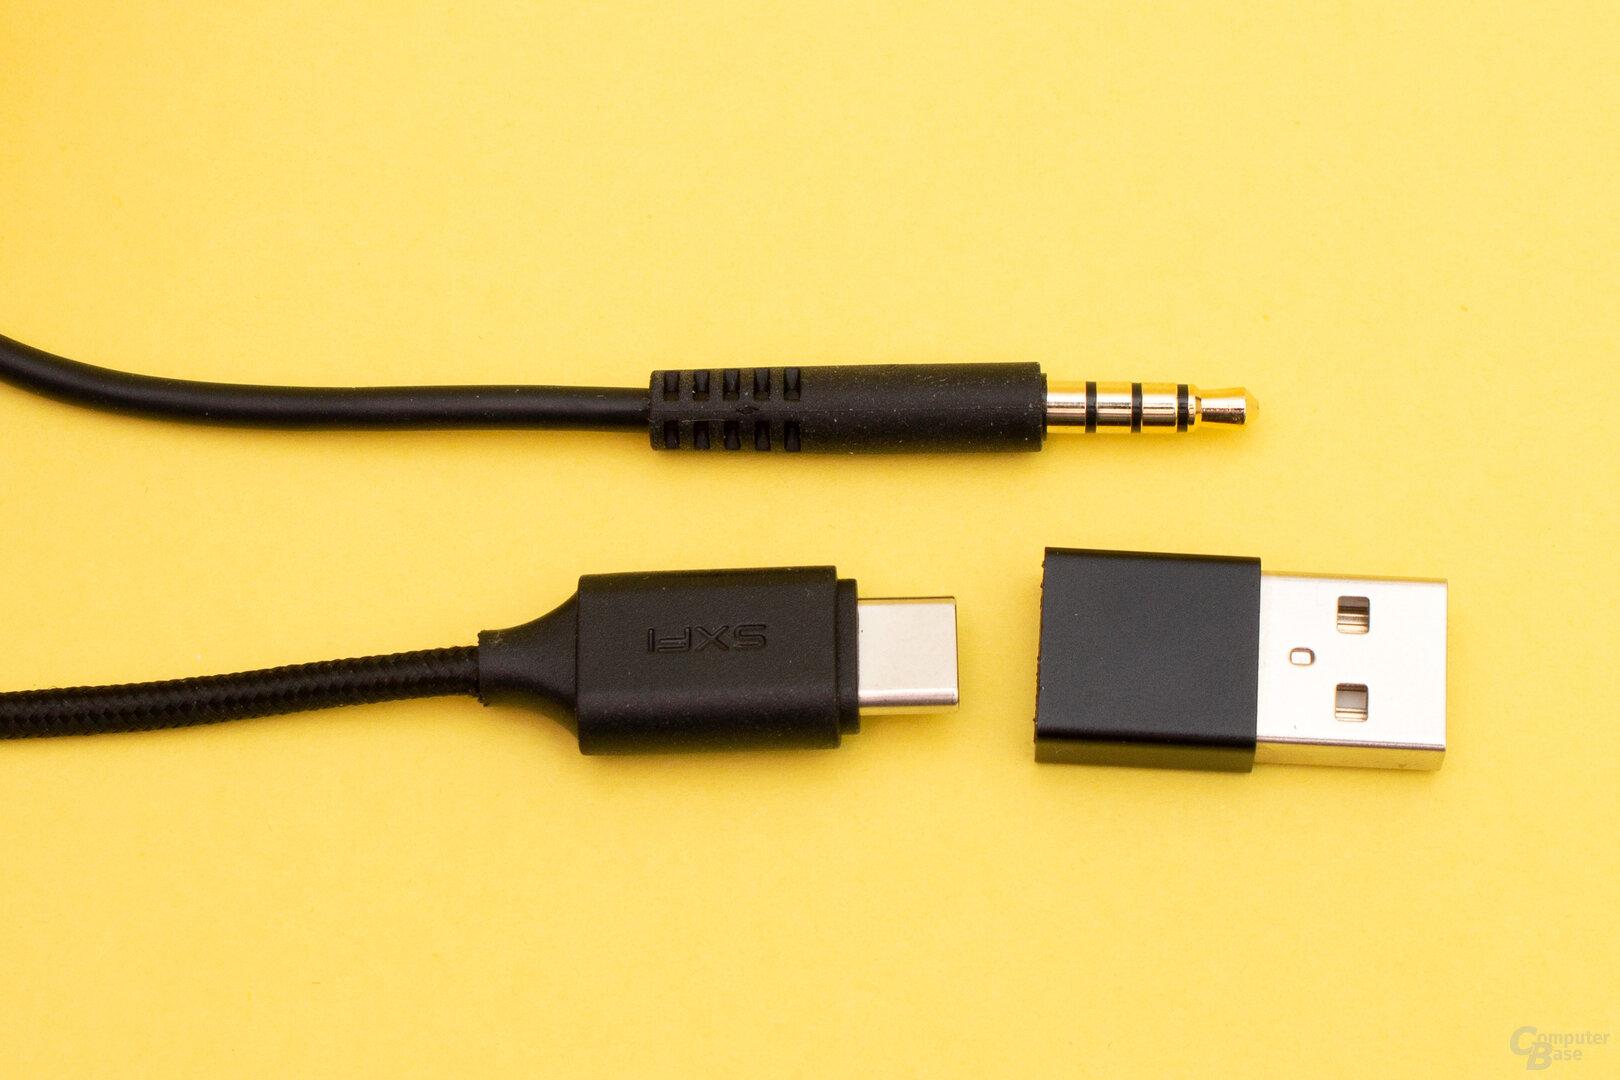 Das Creative SXFI Gamer lässt sich sowohl an einem PC wie auch mobilen Geräten anschließen